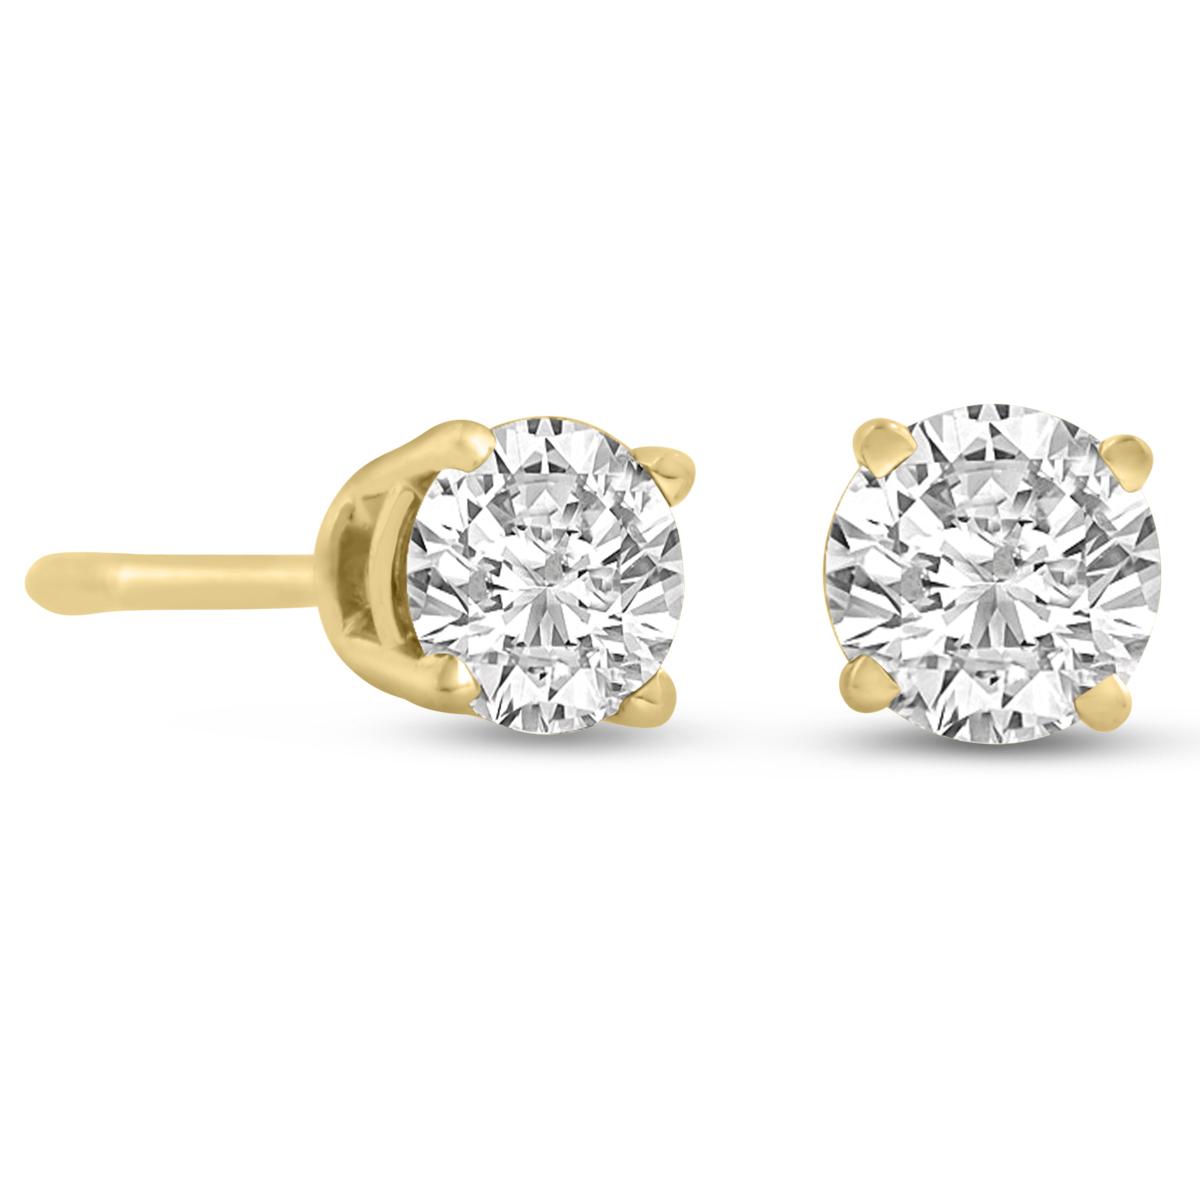 Certified 1 2ct Natural Genuine Diamond Stud Earrings In 14 Karat Yell